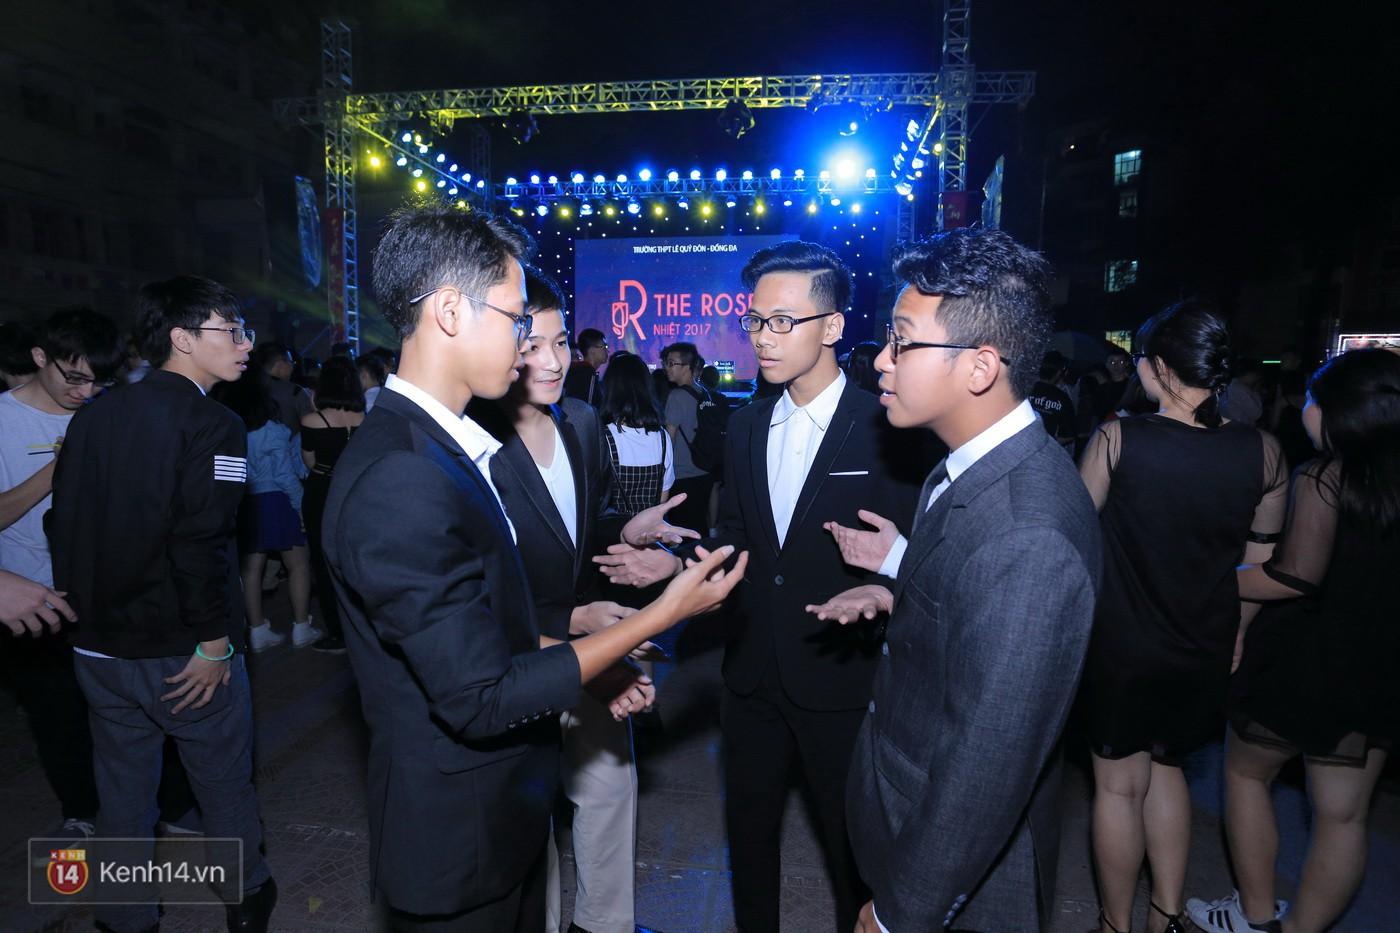 Trai xinh gái đẹp trường Lê Quý Đôn (Hà Nội) quẩy tưng bừng trong prom chào mừng 20/11 - Ảnh 4.